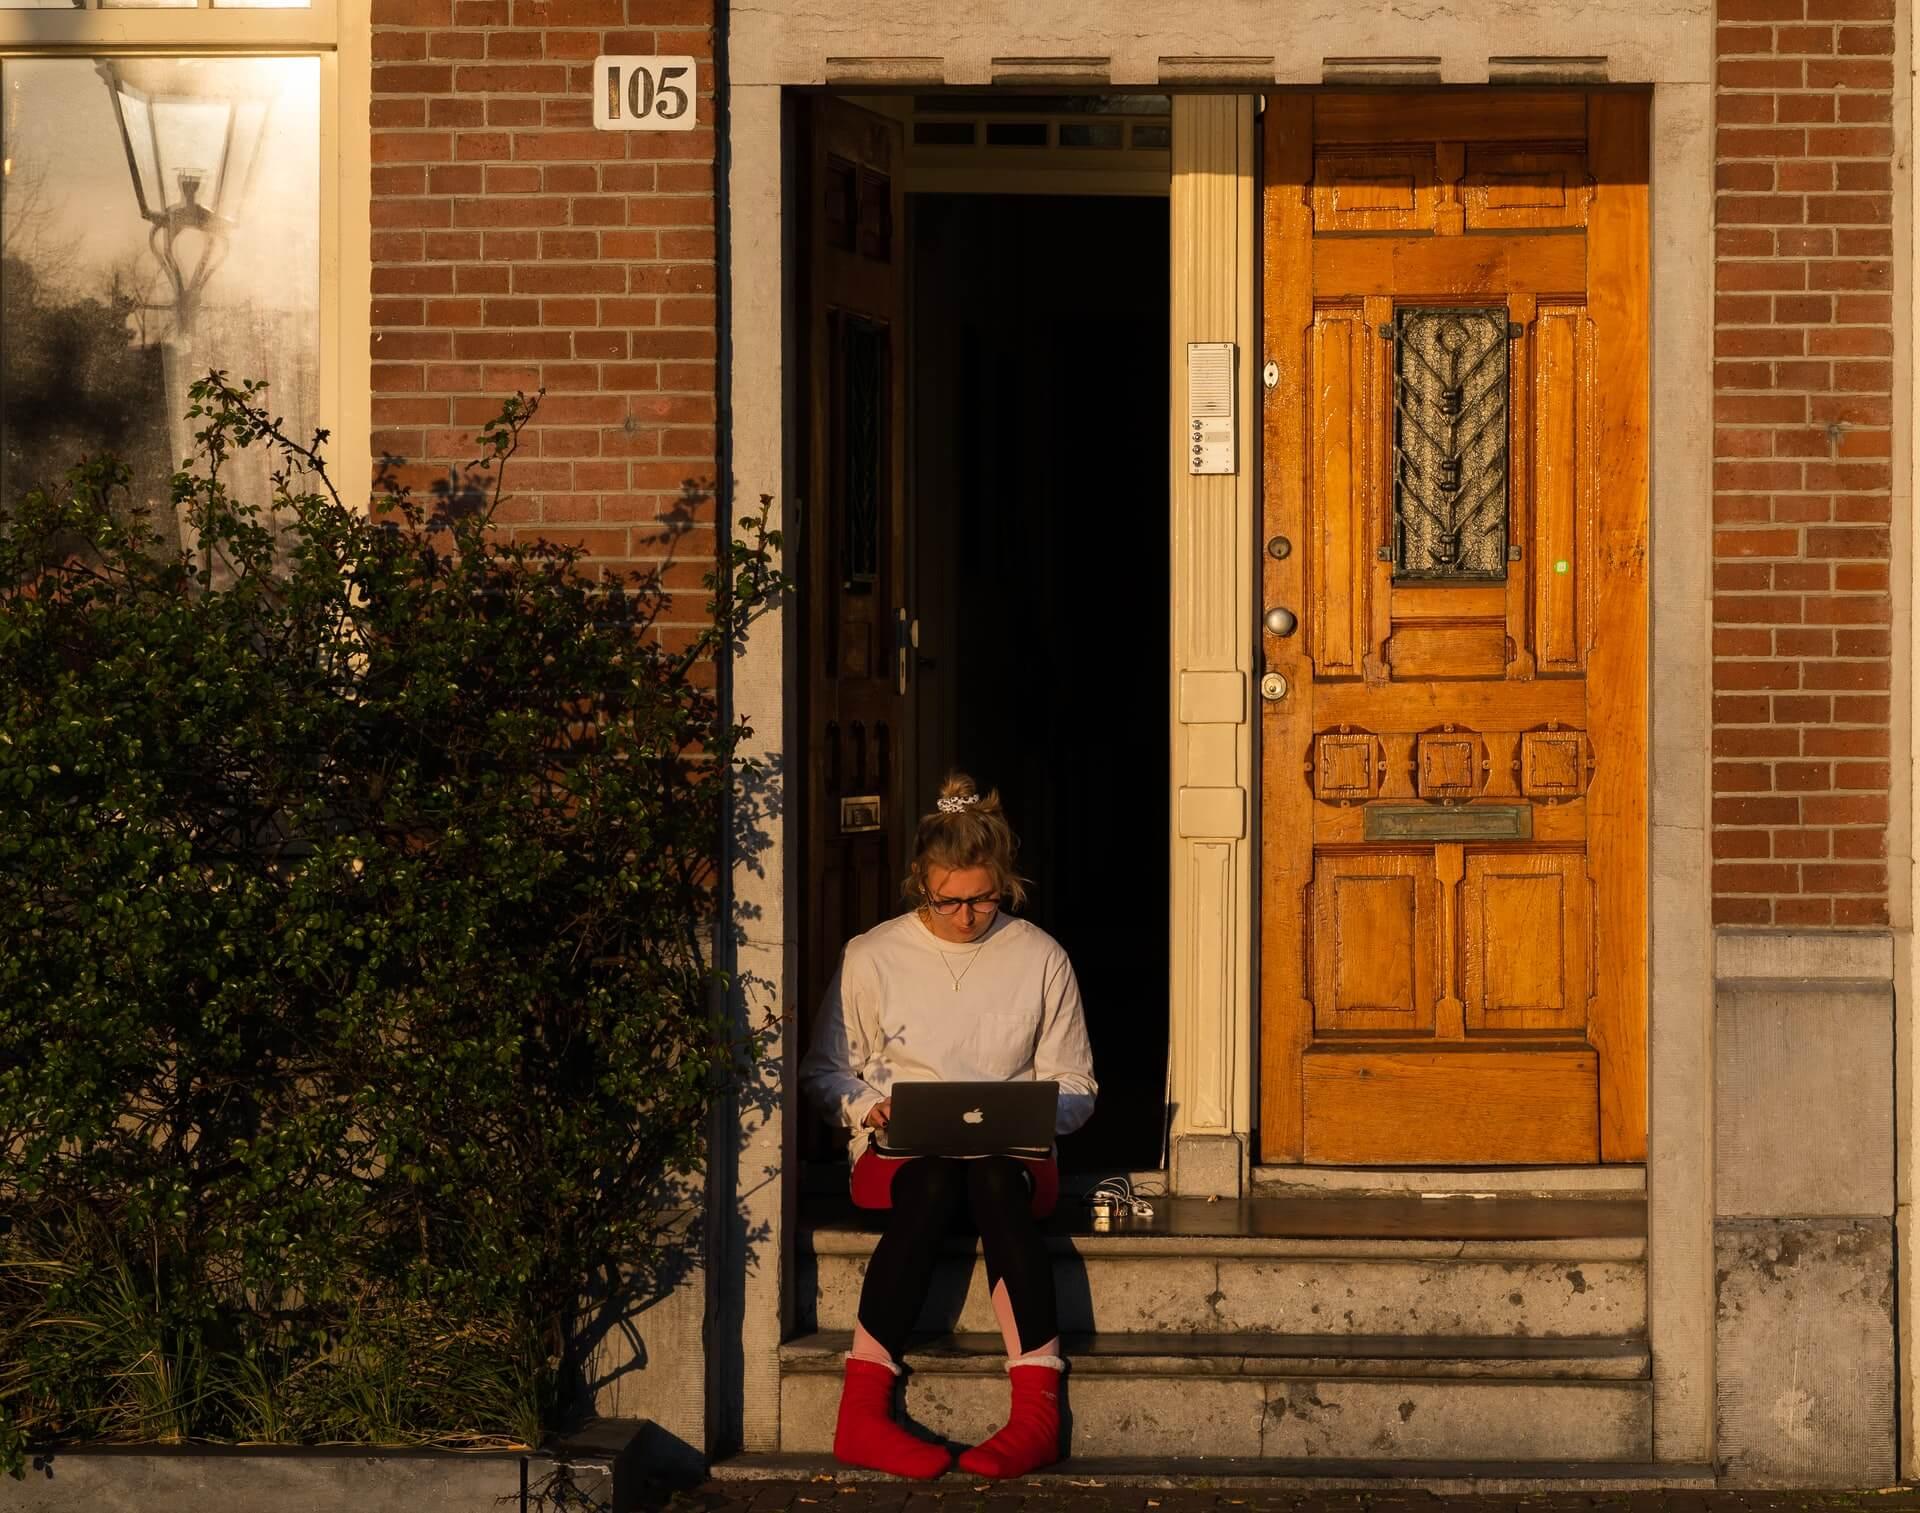 Femme écrivant dans sur un perron - Photo by Callum T on Unsplash